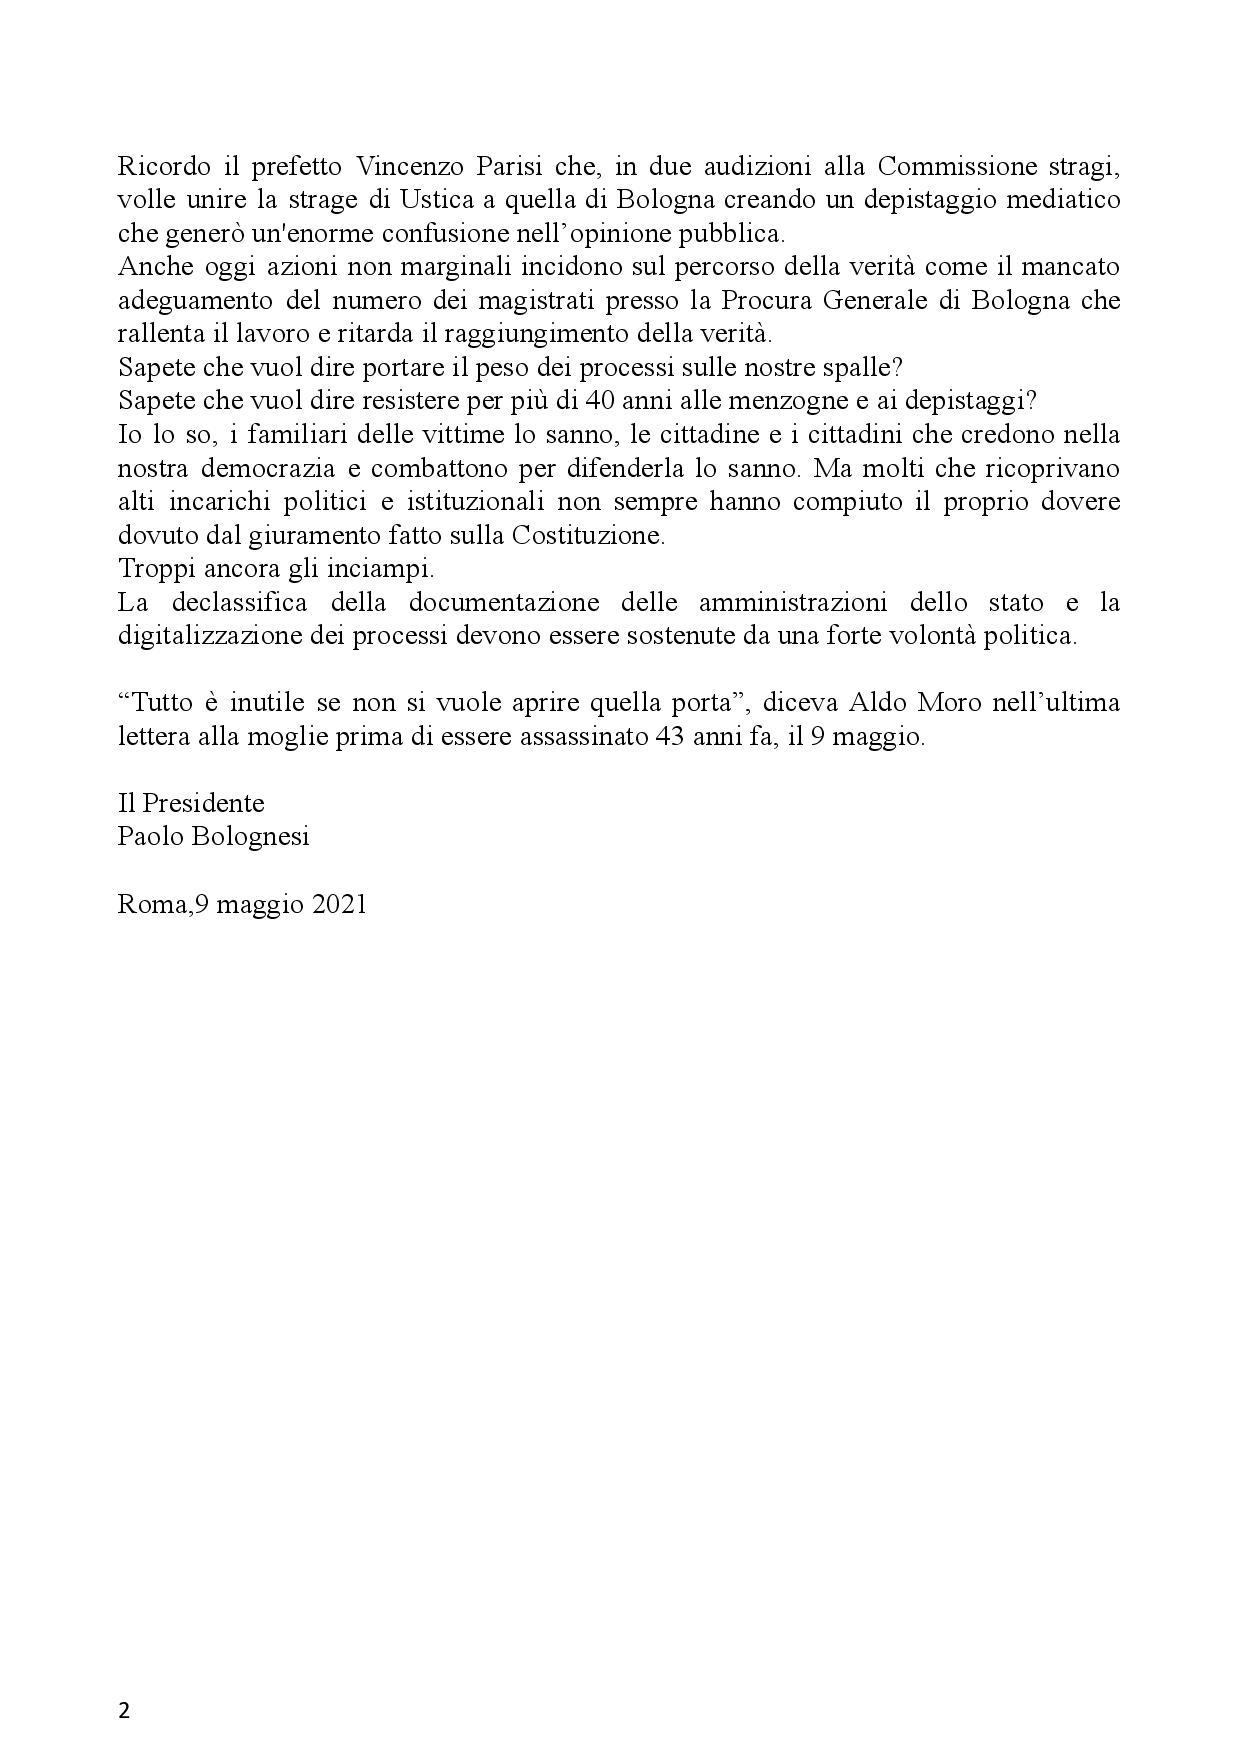 DISCORSO 9 MAGGIO GIORN DELLA MEMORIA 2021 (2)-page-002